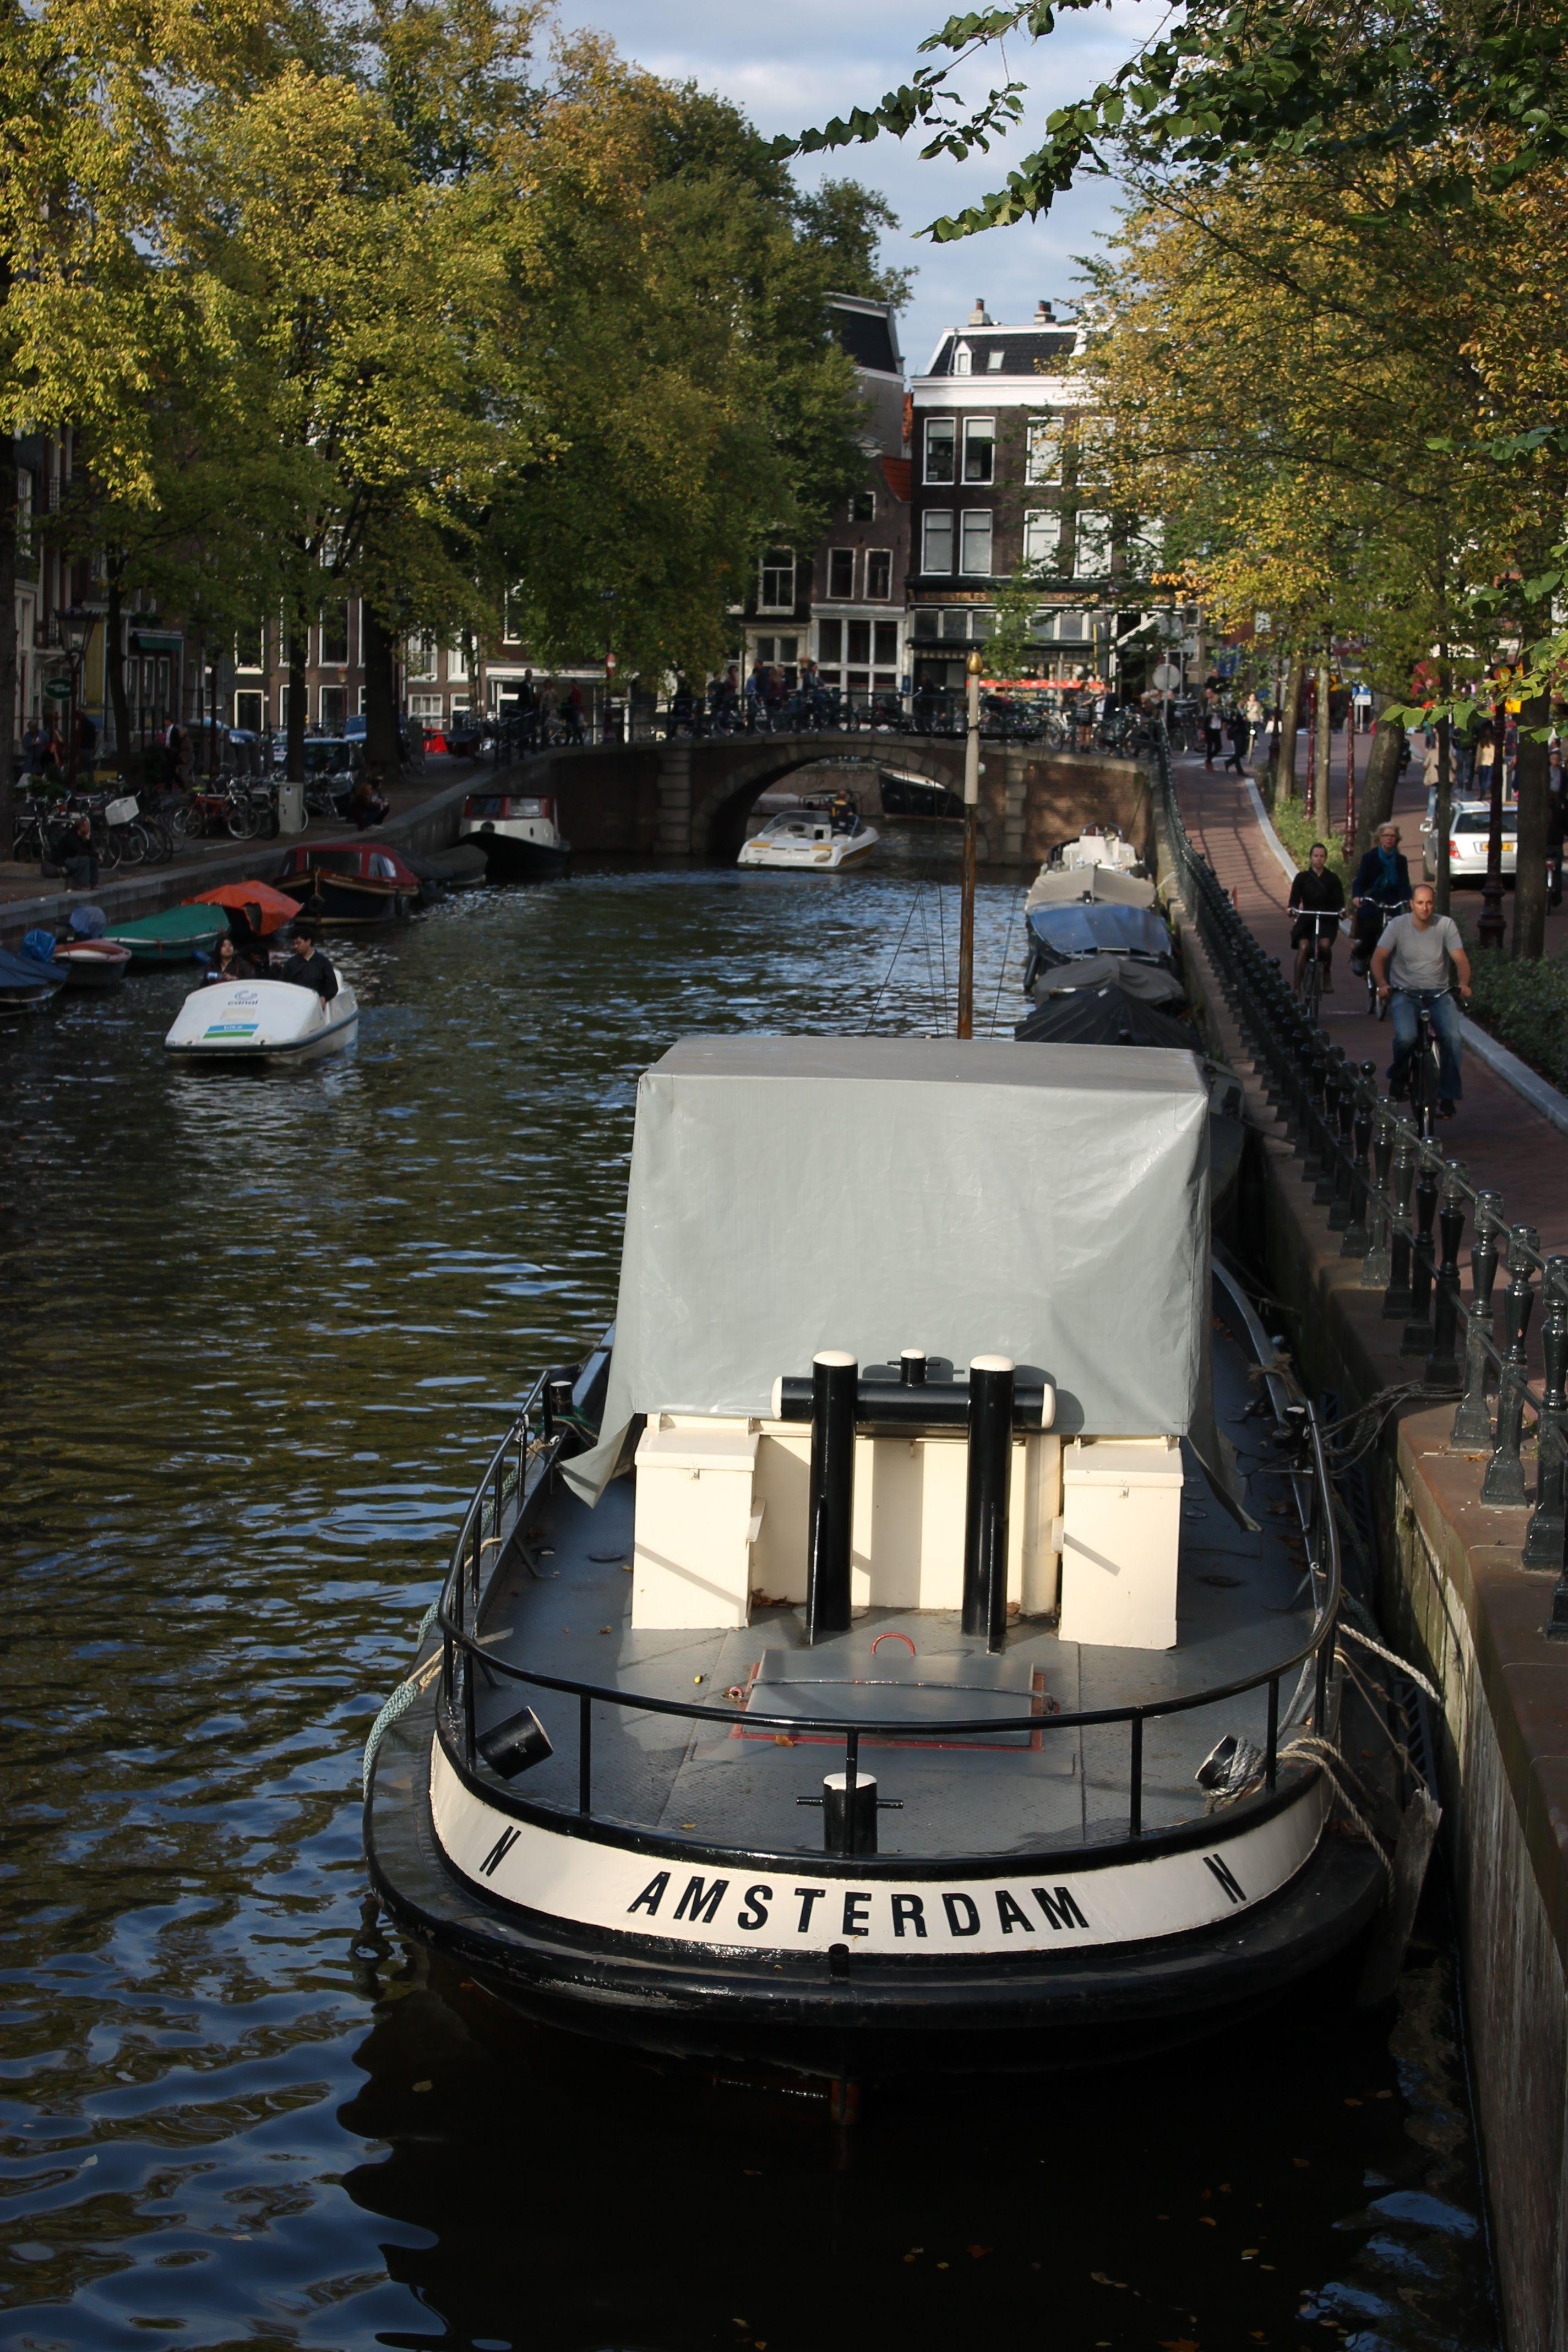 Amsterdam - by IljaEigenwijs